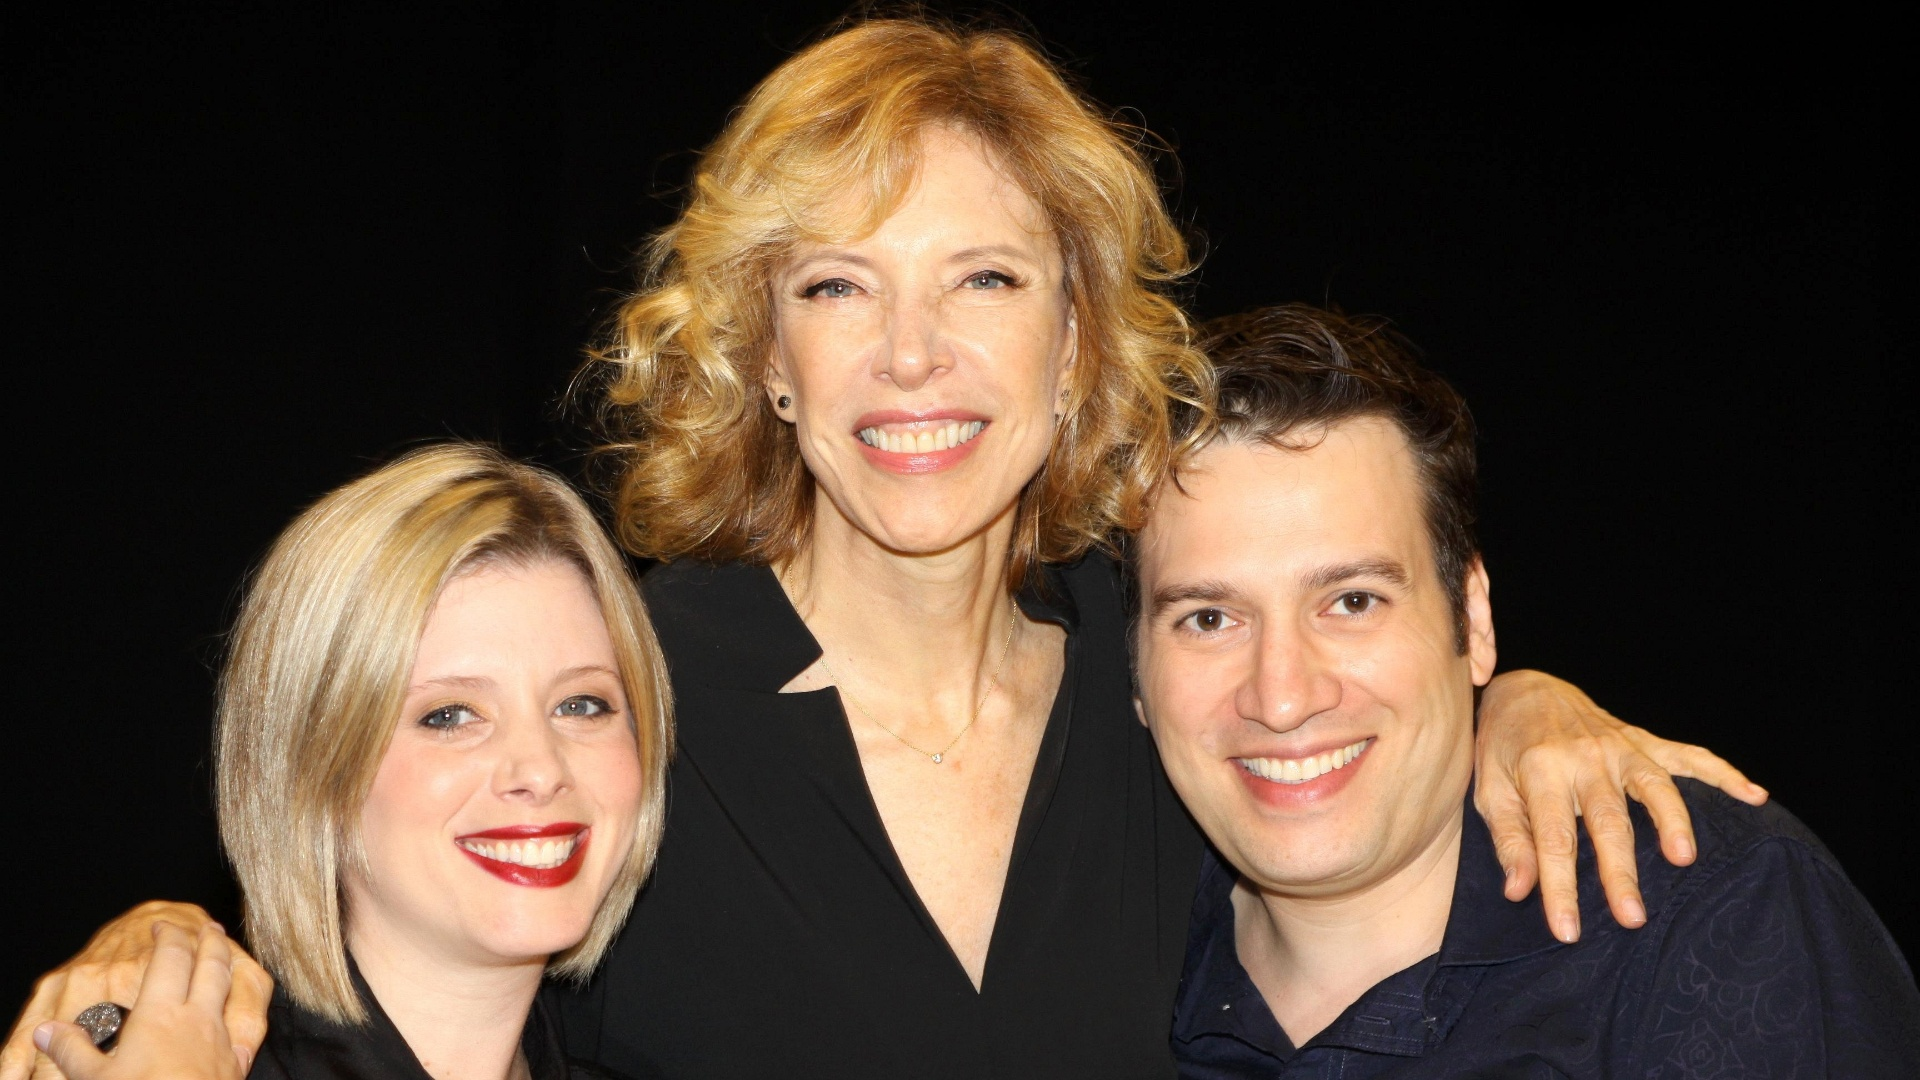 Da esquerda para a direita, Daniele Valente, Marília Gabriela e Christiano Cochrane durante gravação do